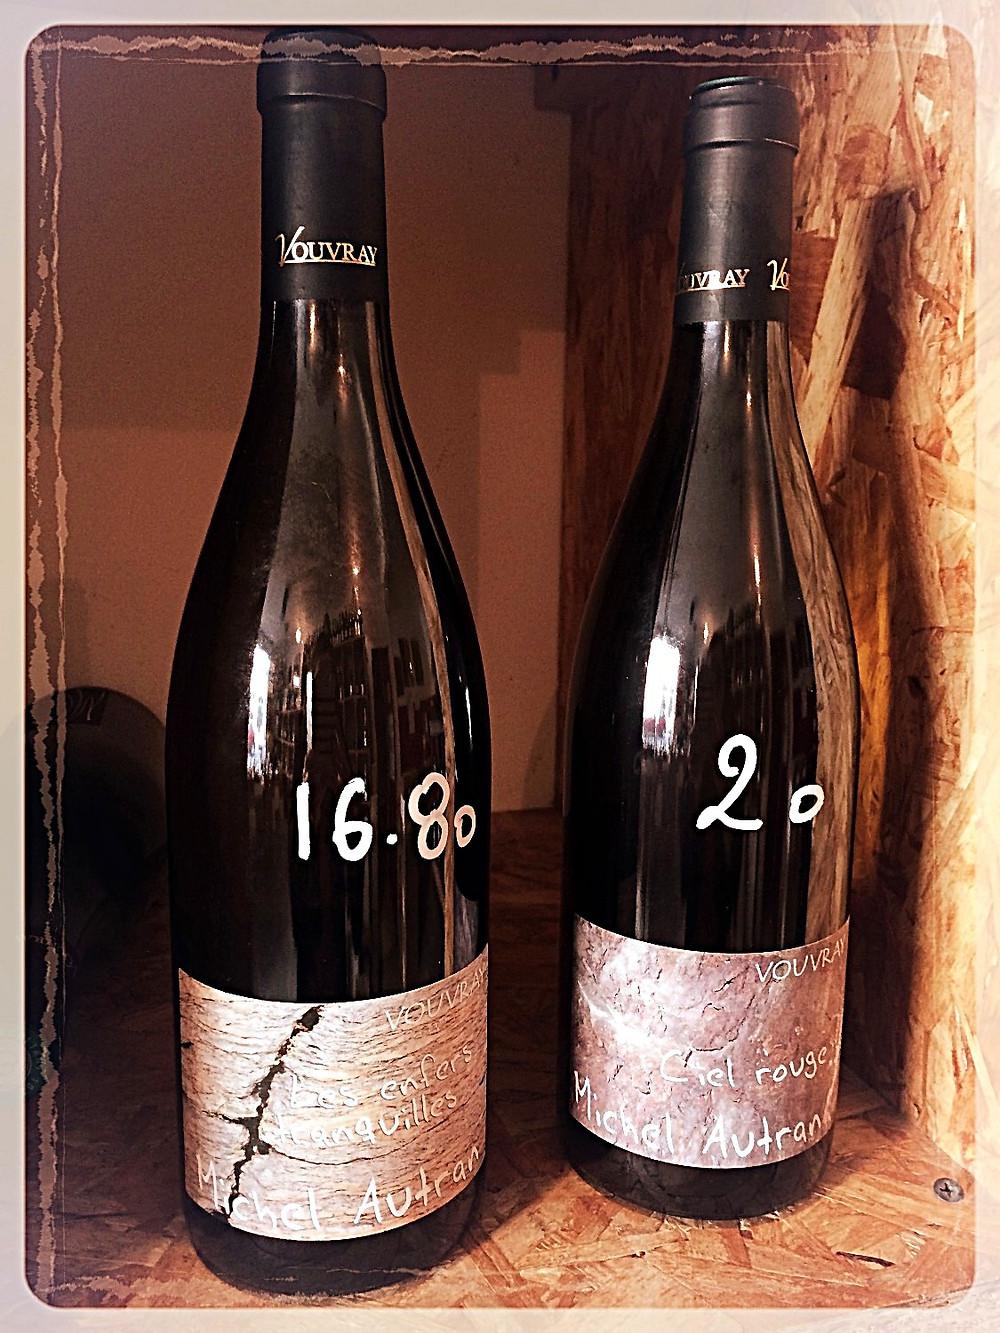 Vins blancs secs de Vouvray de Michel Autran ©Clémentine Chauveau